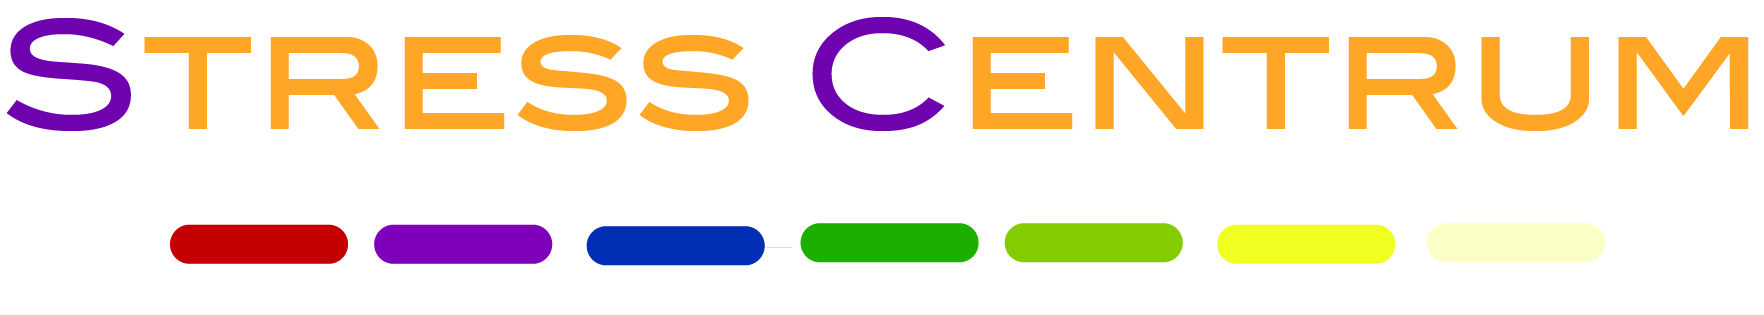 StressCentrum